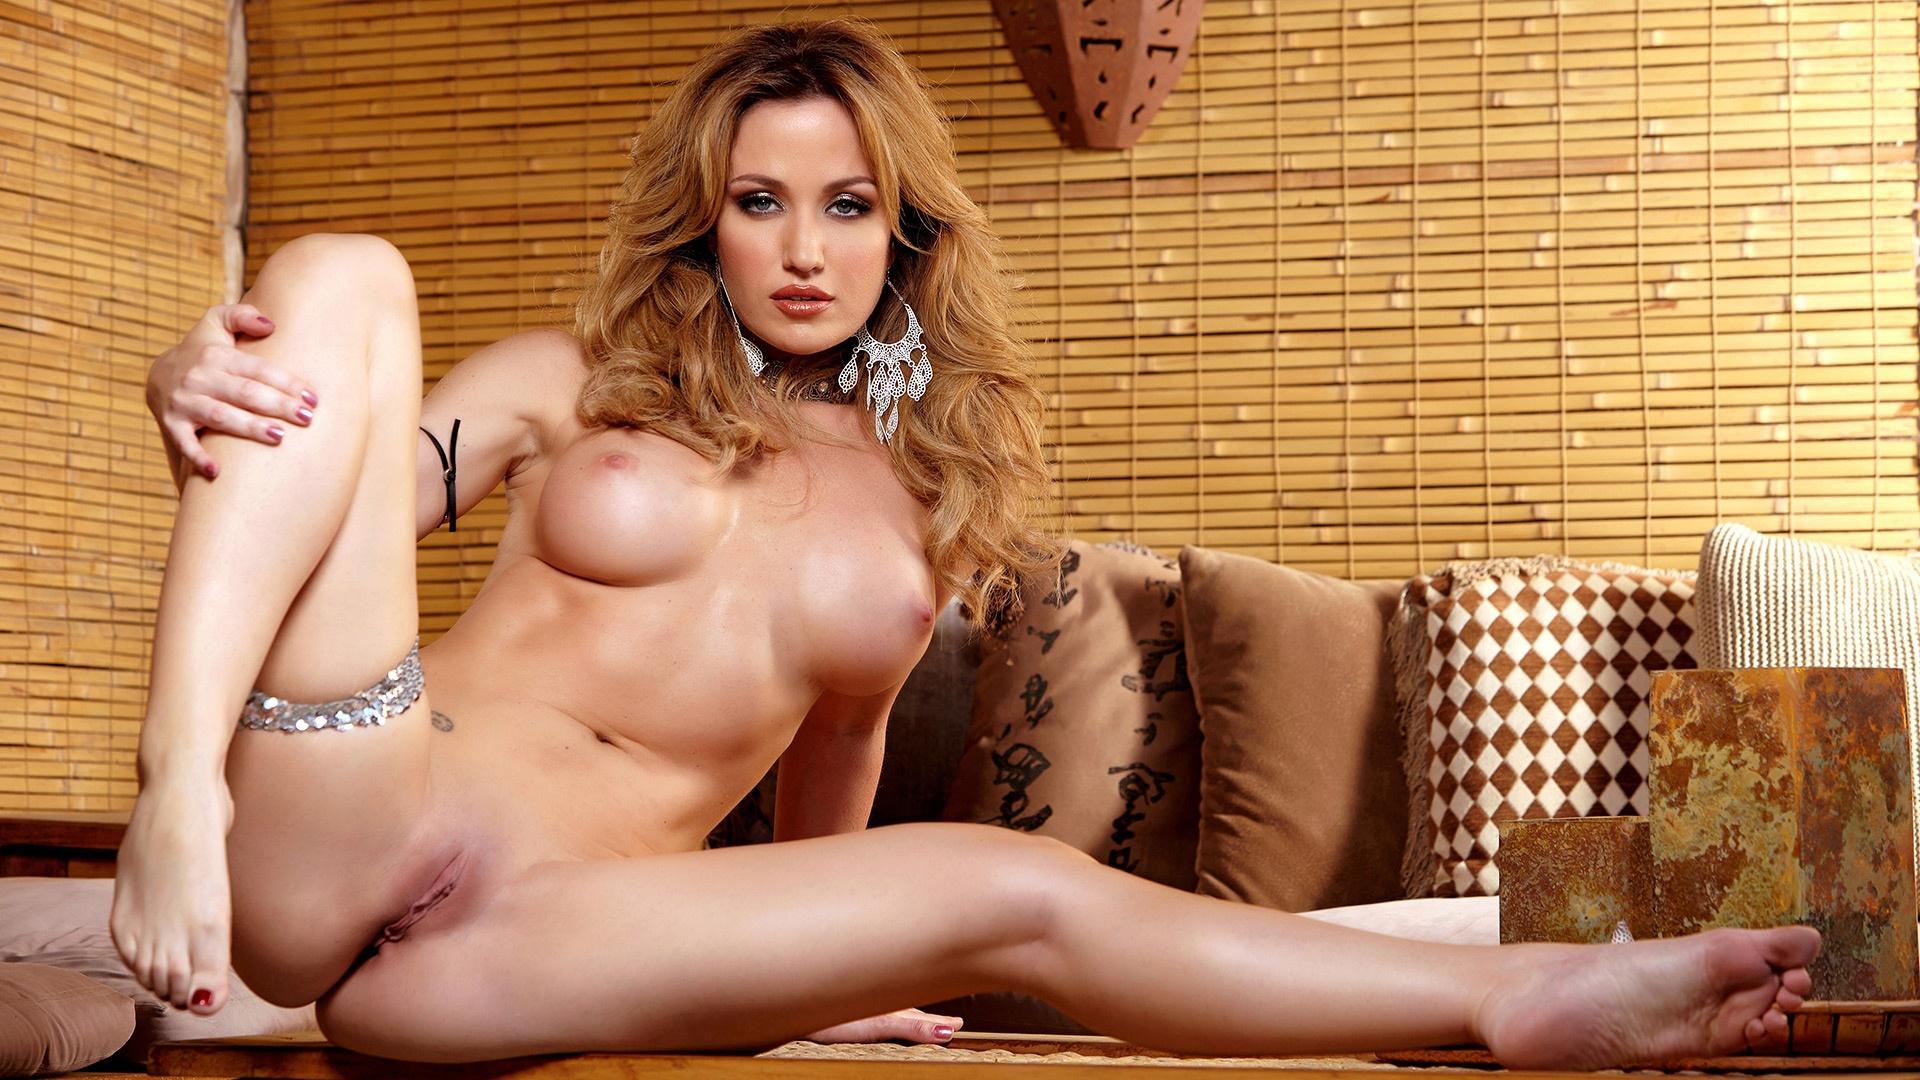 Hot blonde masturbates on bathroom floor - angela sommers